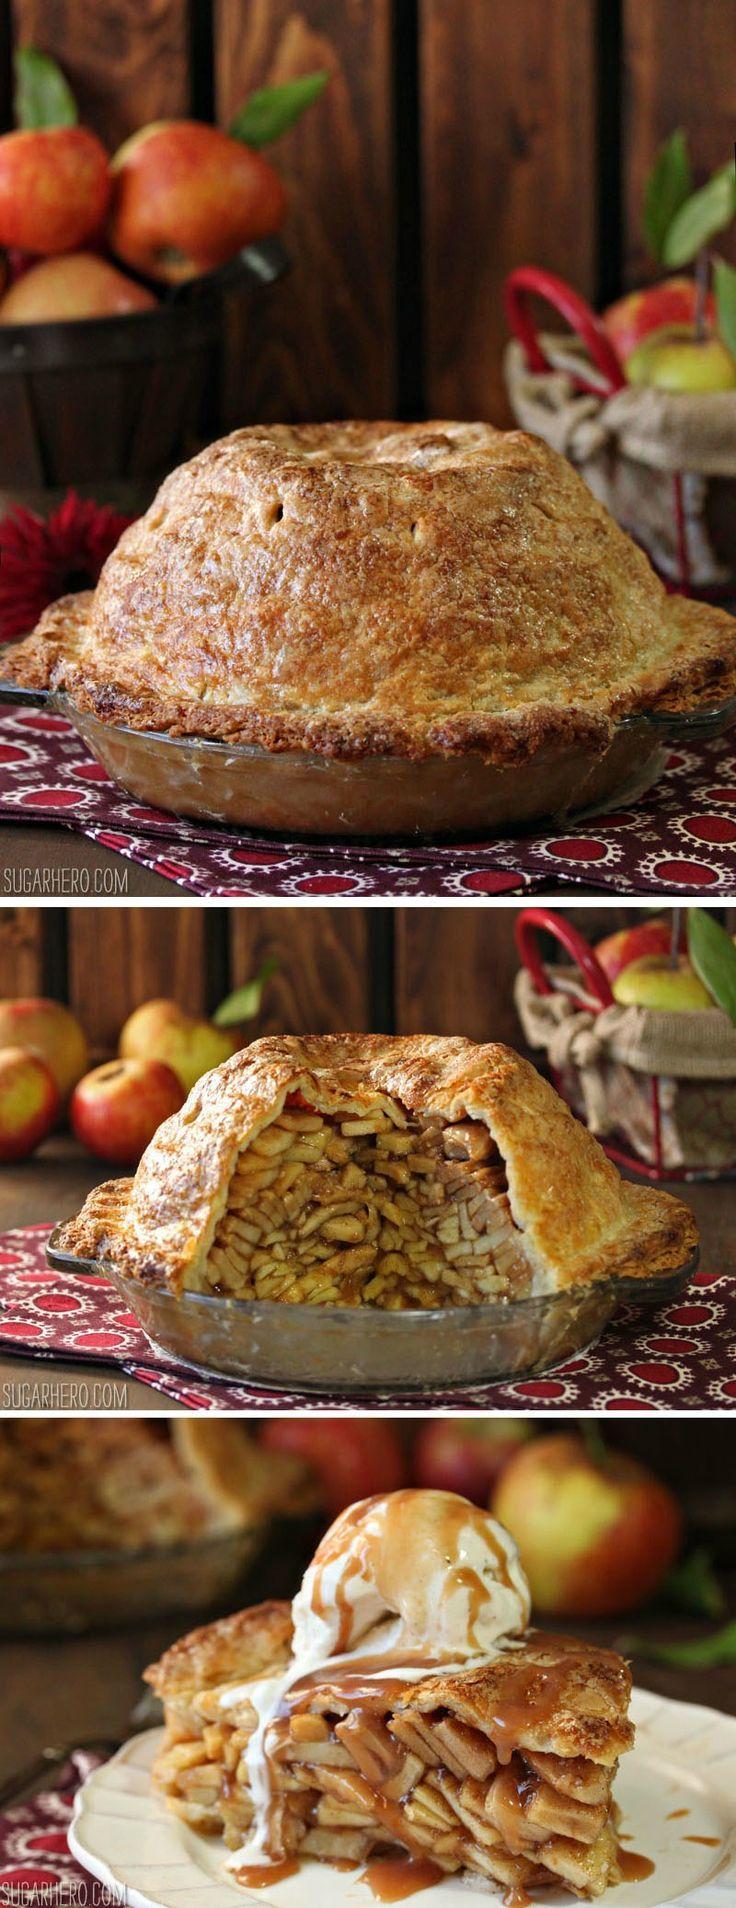 Mile High Apple Pie This impressive dessert recipe is